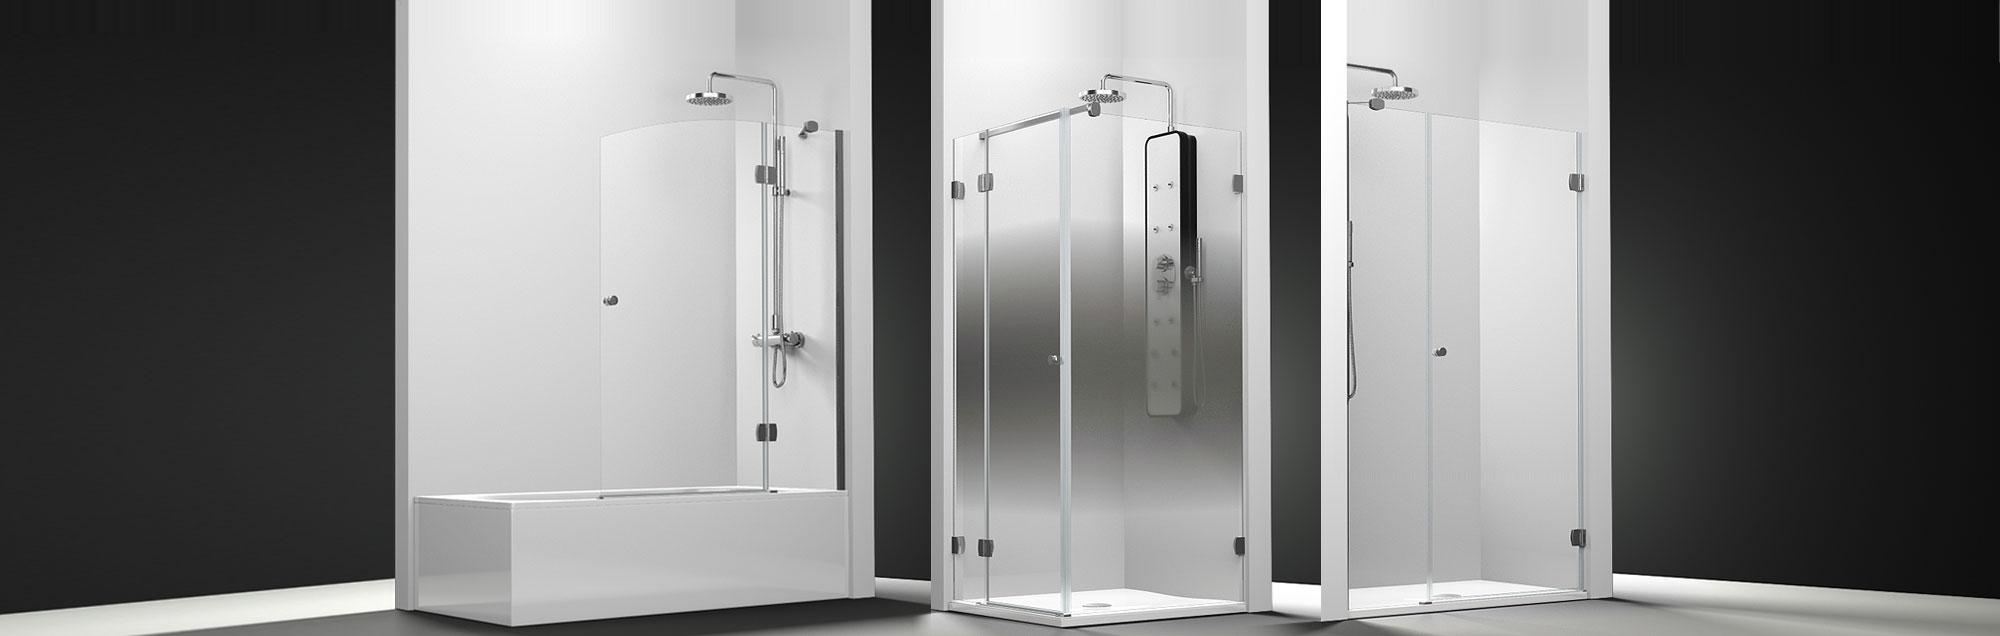 Série Newglass parois de bain battantes sur mesure